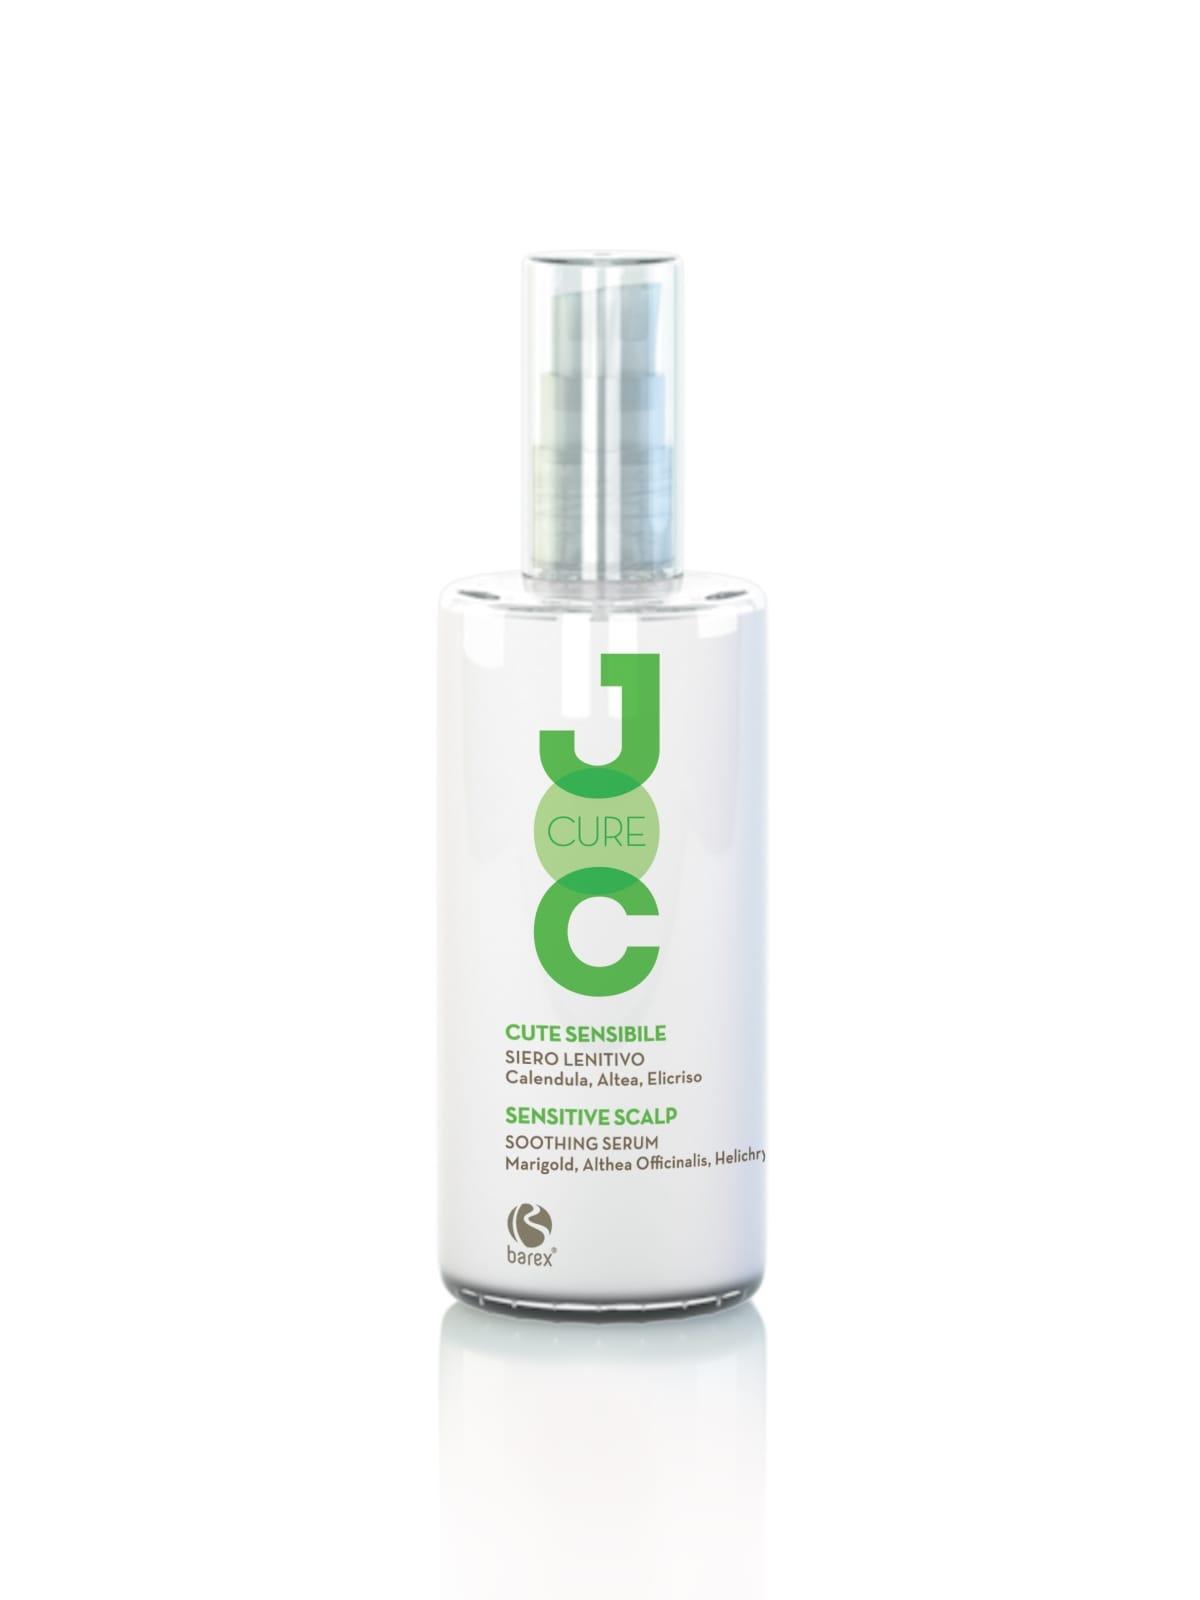 Купить Сыворотки, флюиды для волос Barex, Успокаивающая сыворотка для волос Barex Joc Cure с экстрактом календулы, алтея и бессмертника 100 мл